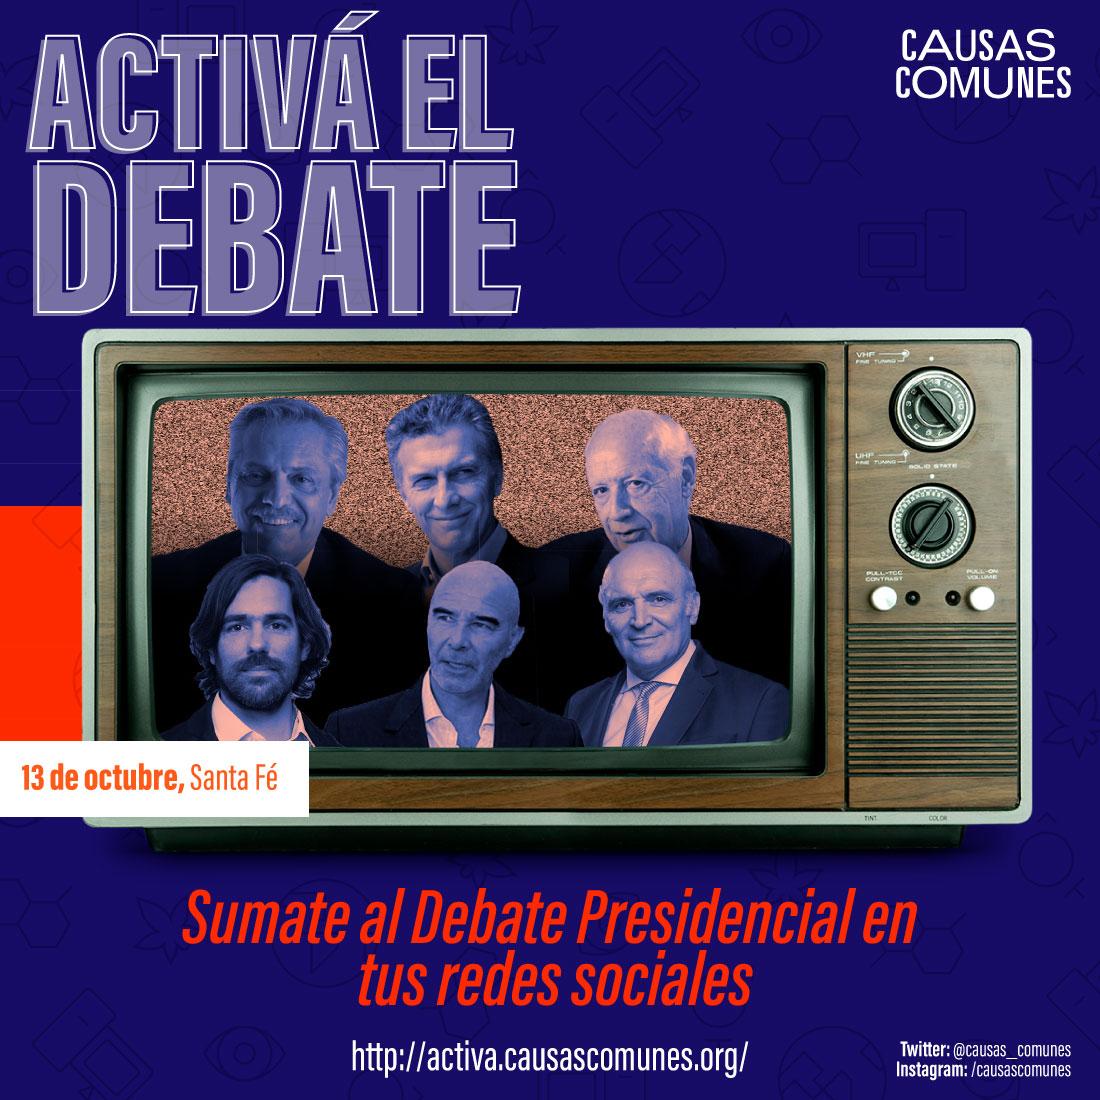 Activá el Debate Presidencial